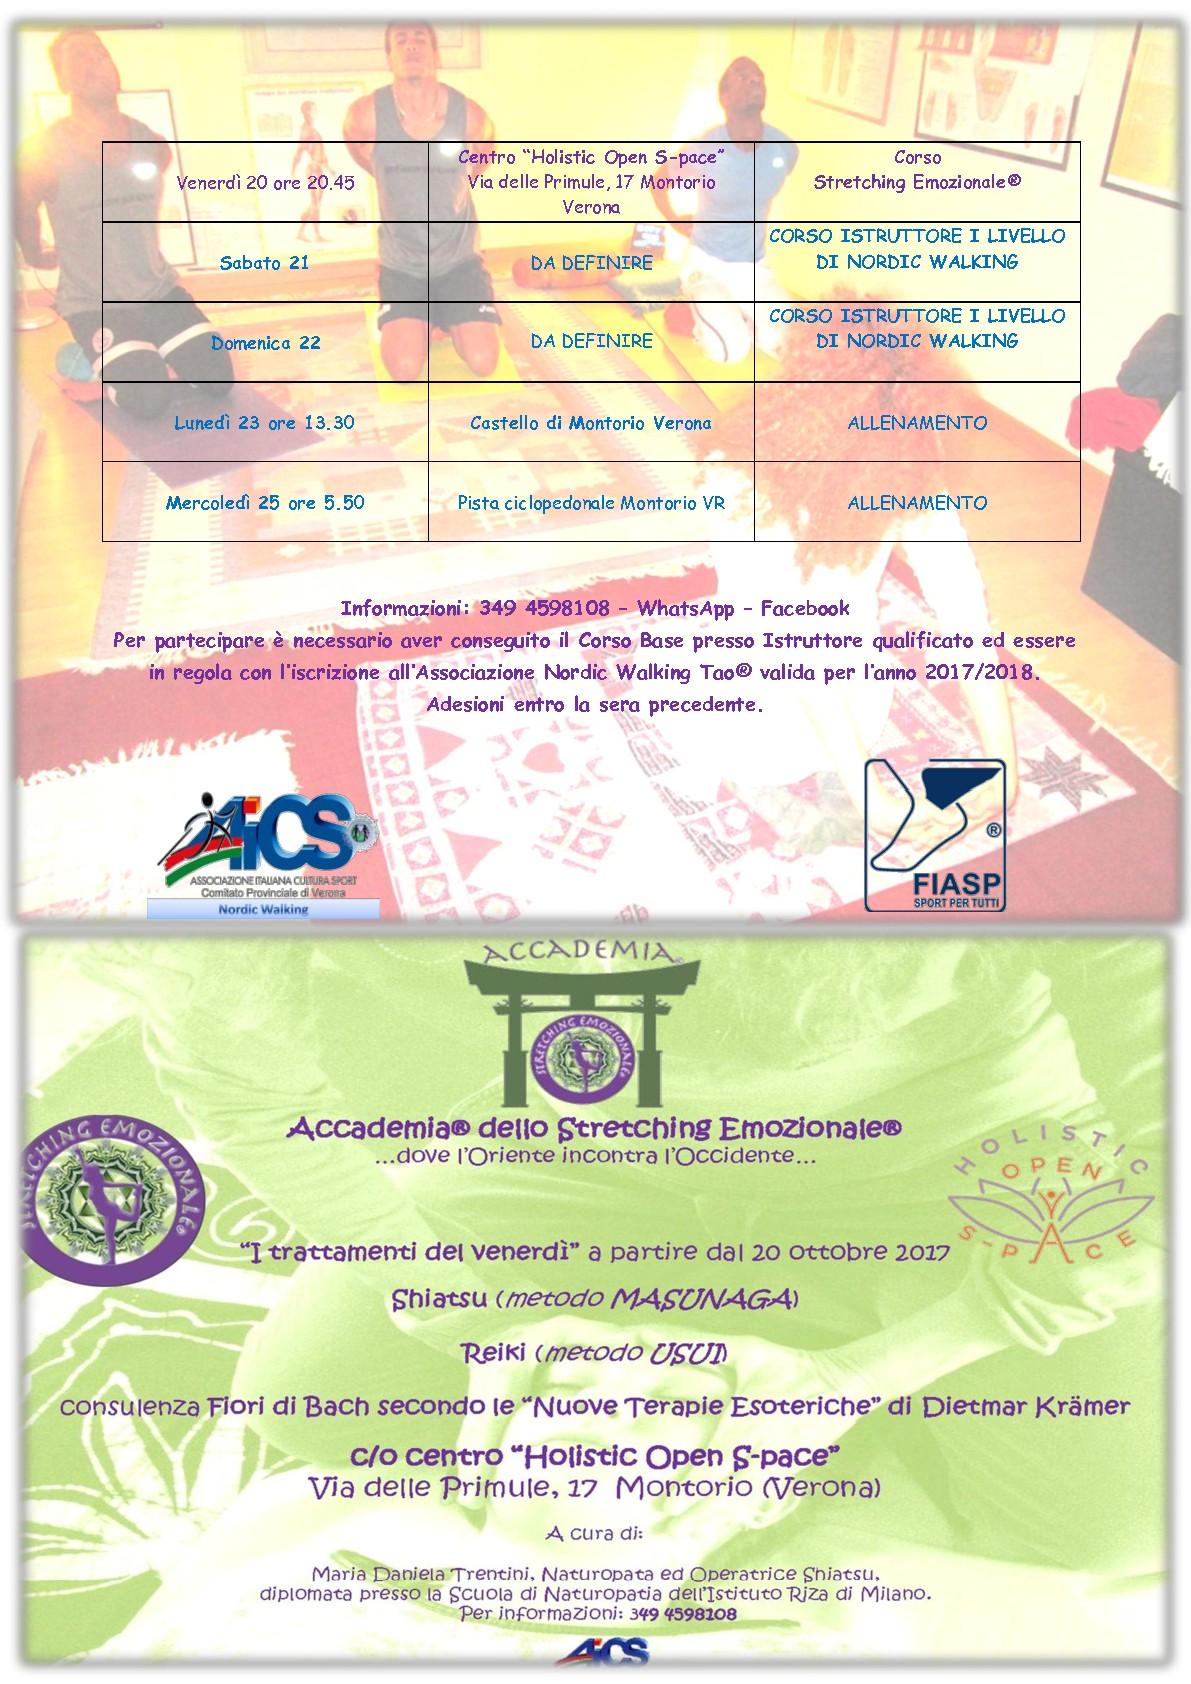 PROGRAMMA ALLENAMENTI CAMMINATE E CORS3-002-002